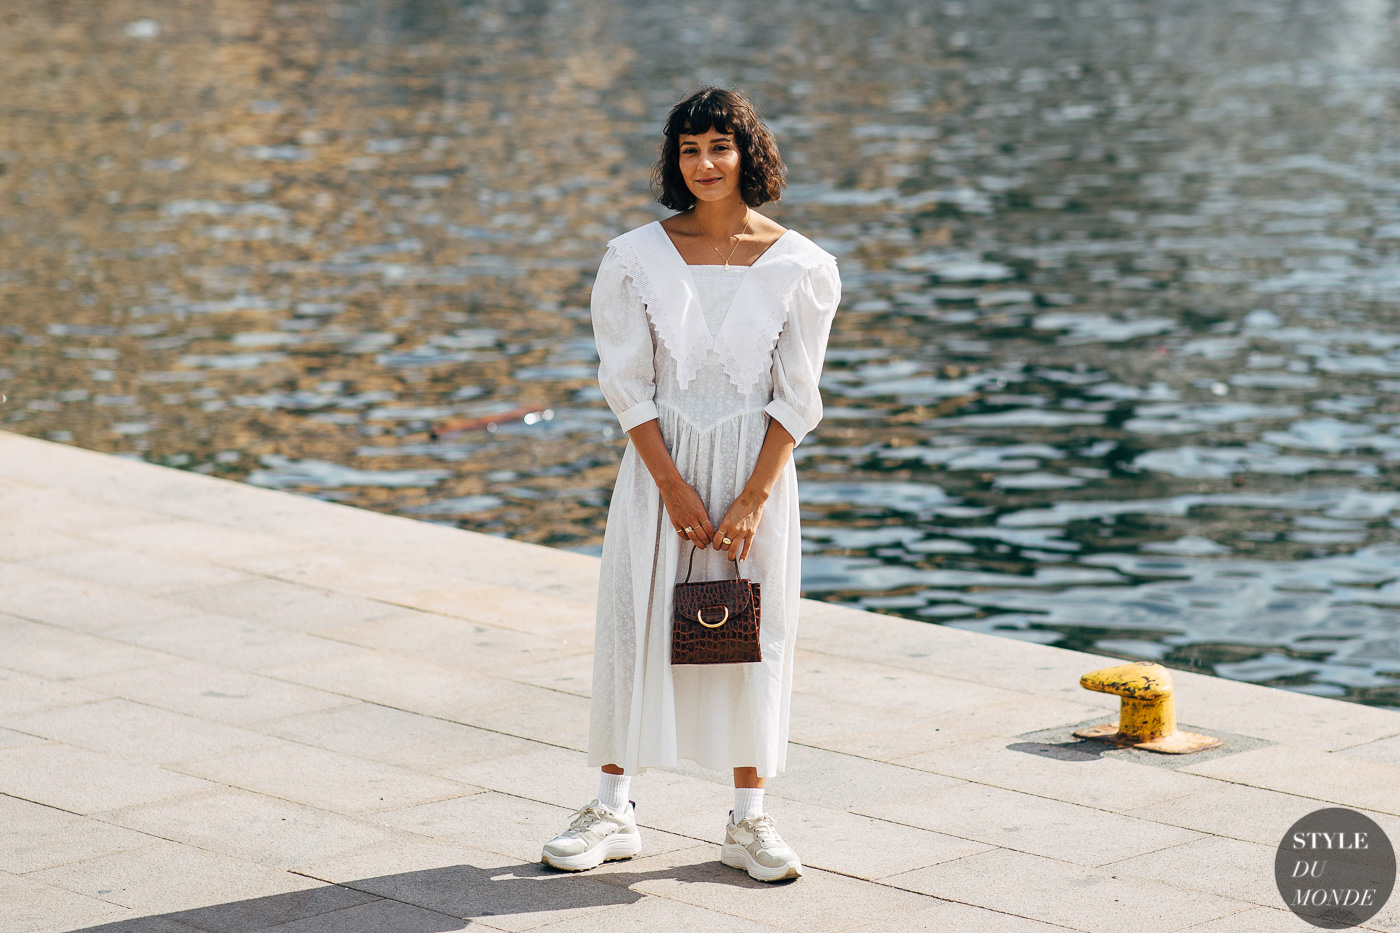 tín đồ thời trang Alyssa Coscarelli diện đầm trắng và giày dad sneakers